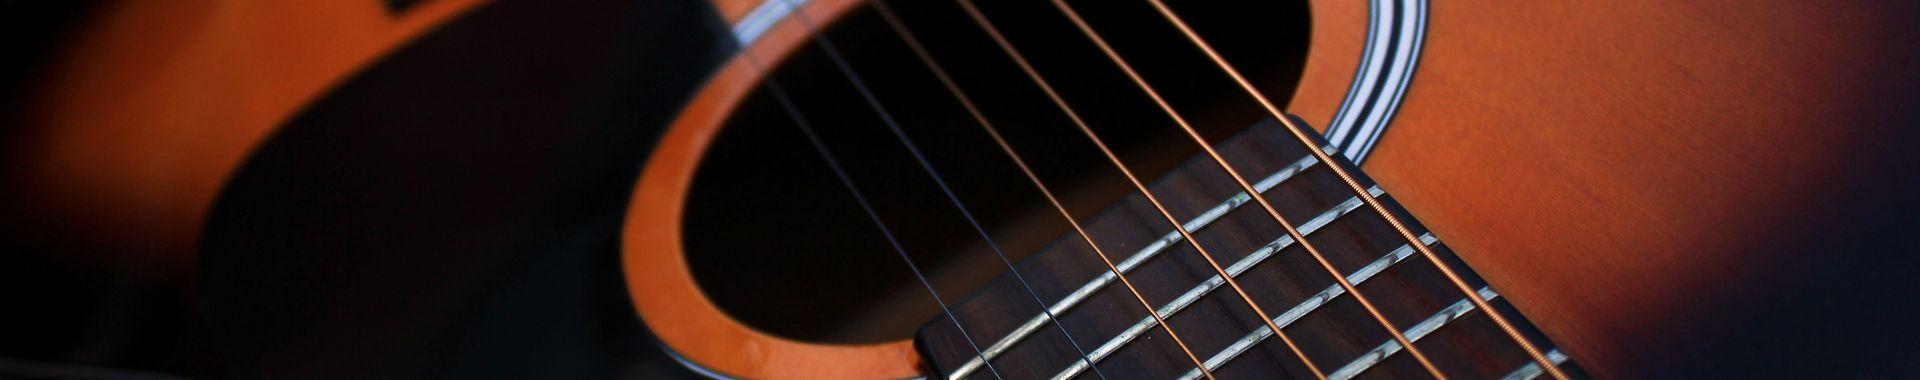 Akustik Musikinstrumente